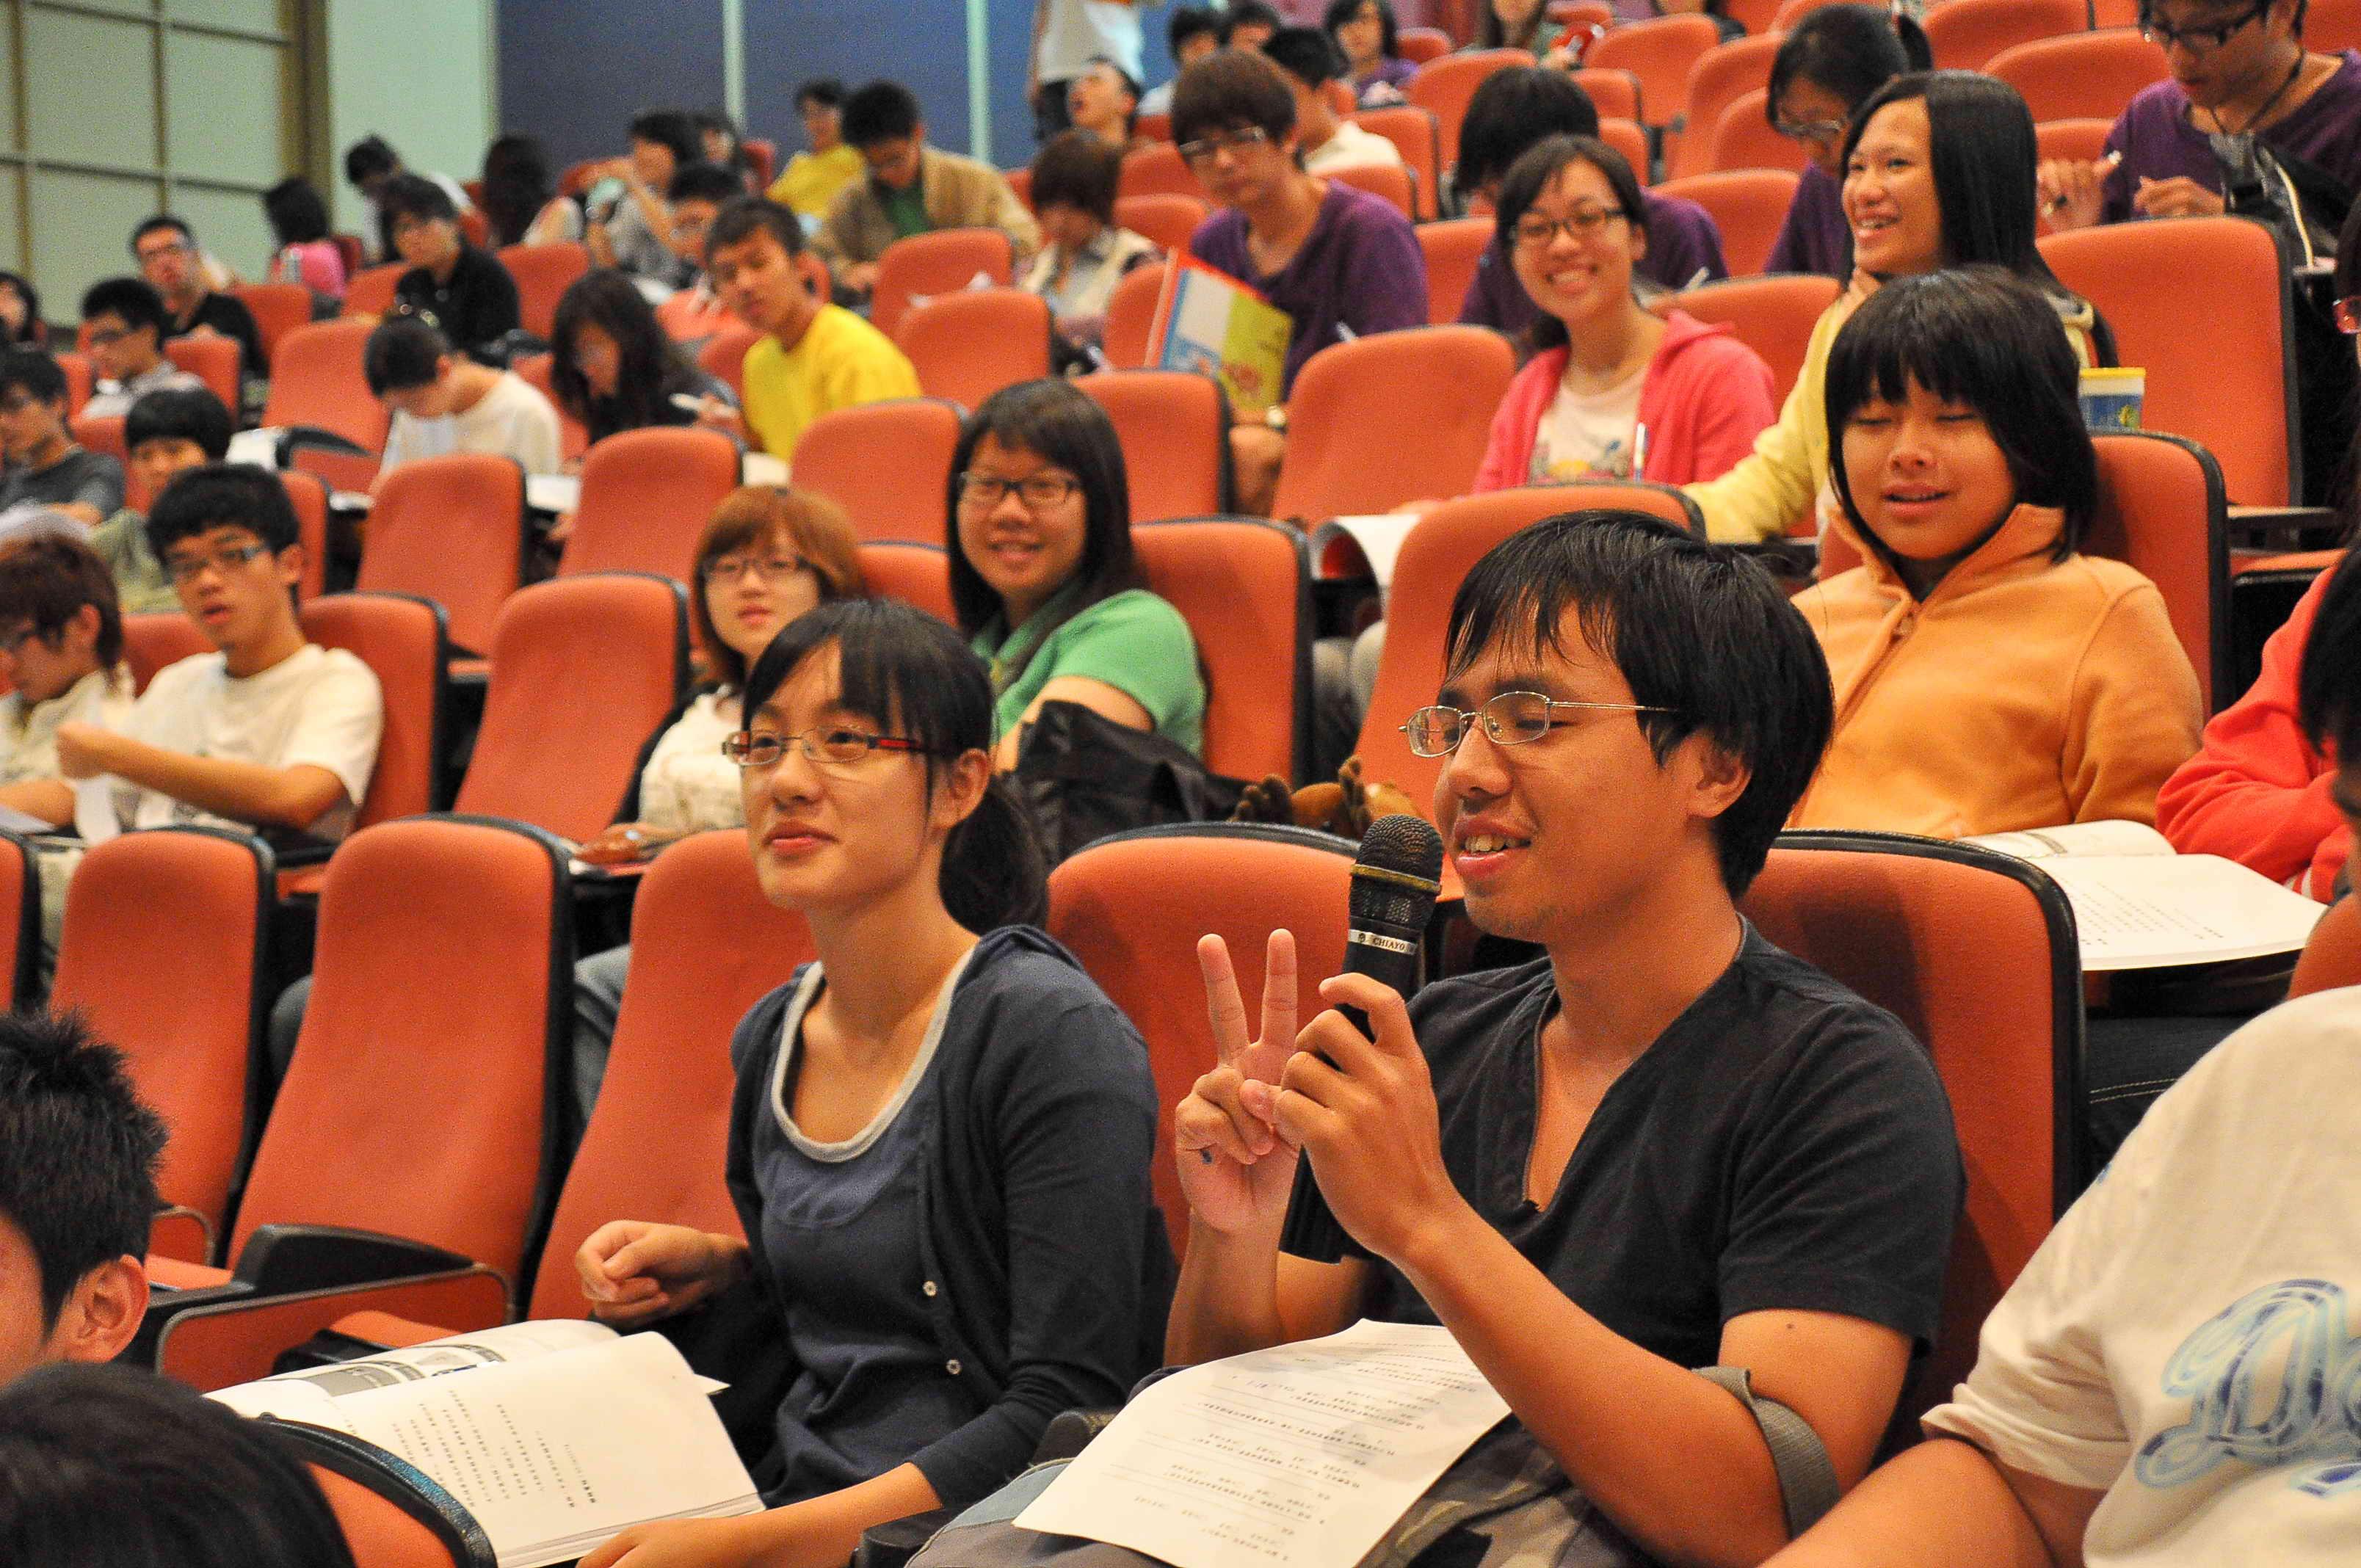 用生命的熱情,發現知識的責任—98學年度服務學習研習營